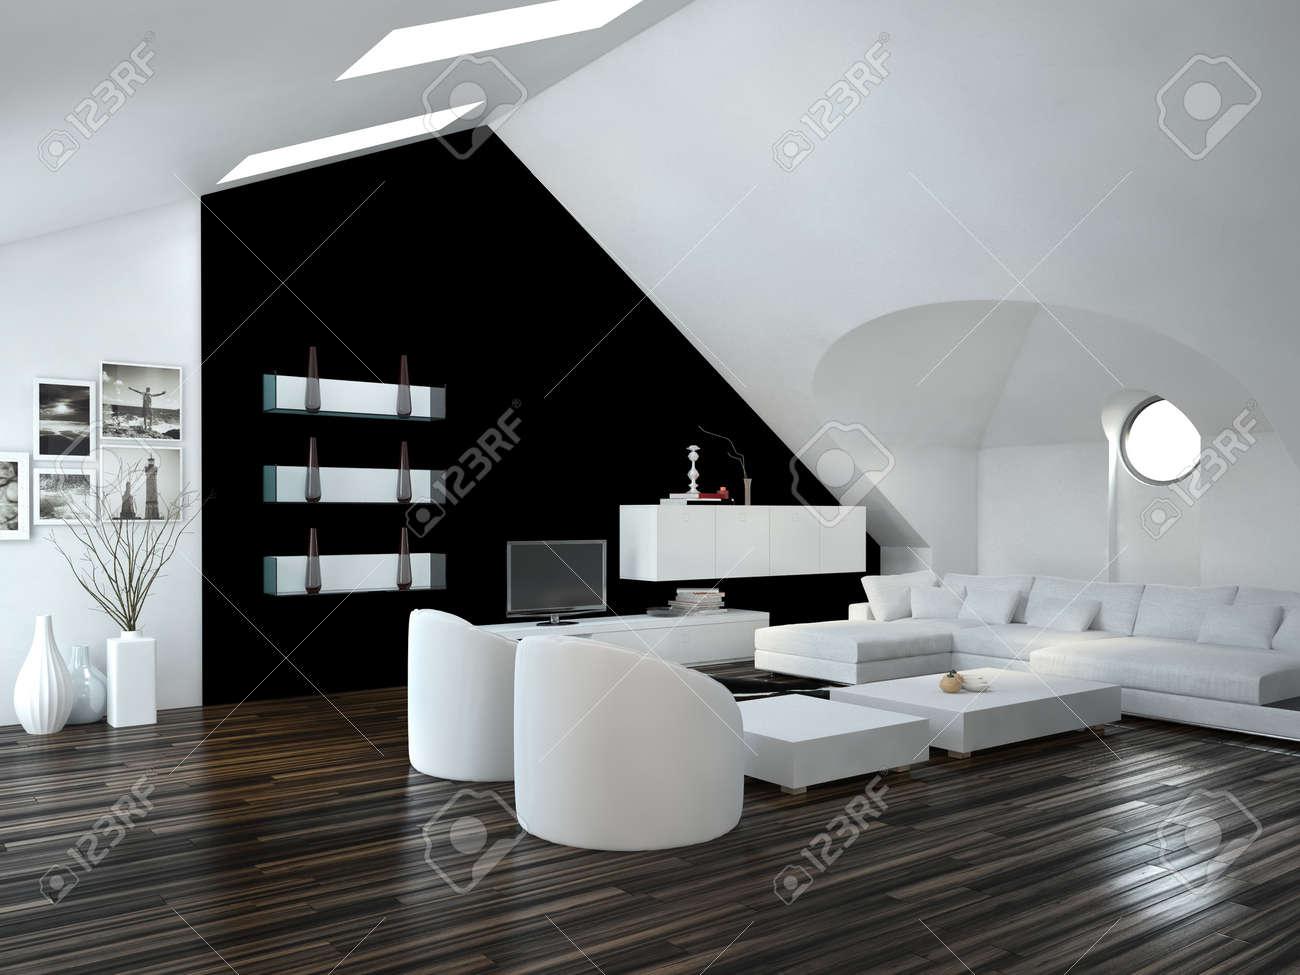 Modernes Design Loft Wohnzimmer Innenraum Mit Oberlichtern In Der  Dachschräge Und Weiß Und Schwarz Dekor Mit